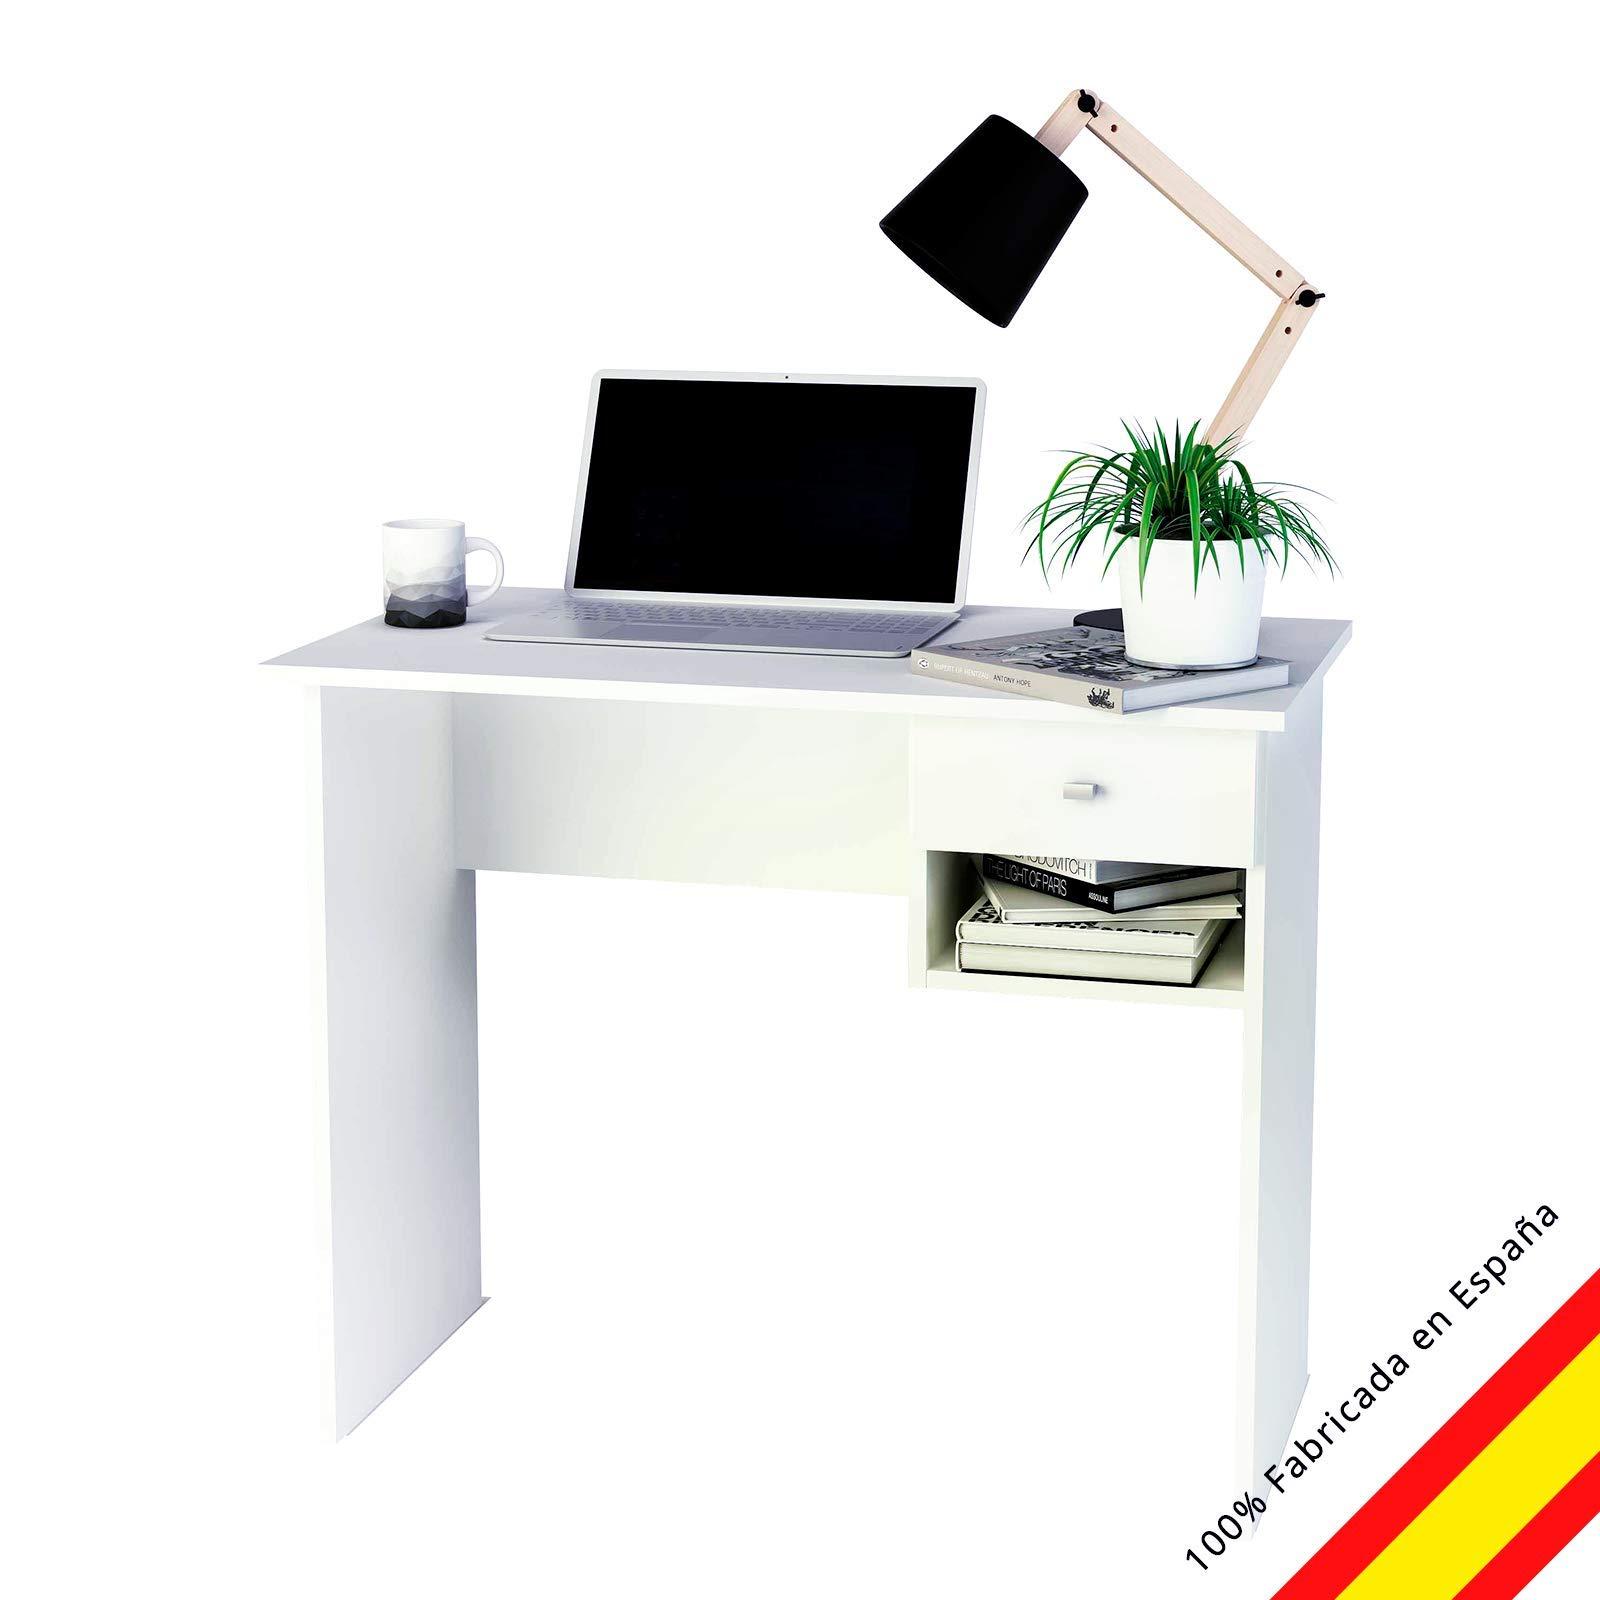 Samblo - Ecritorio con cajón, varios colores, mesa de estudio de 90 cm de